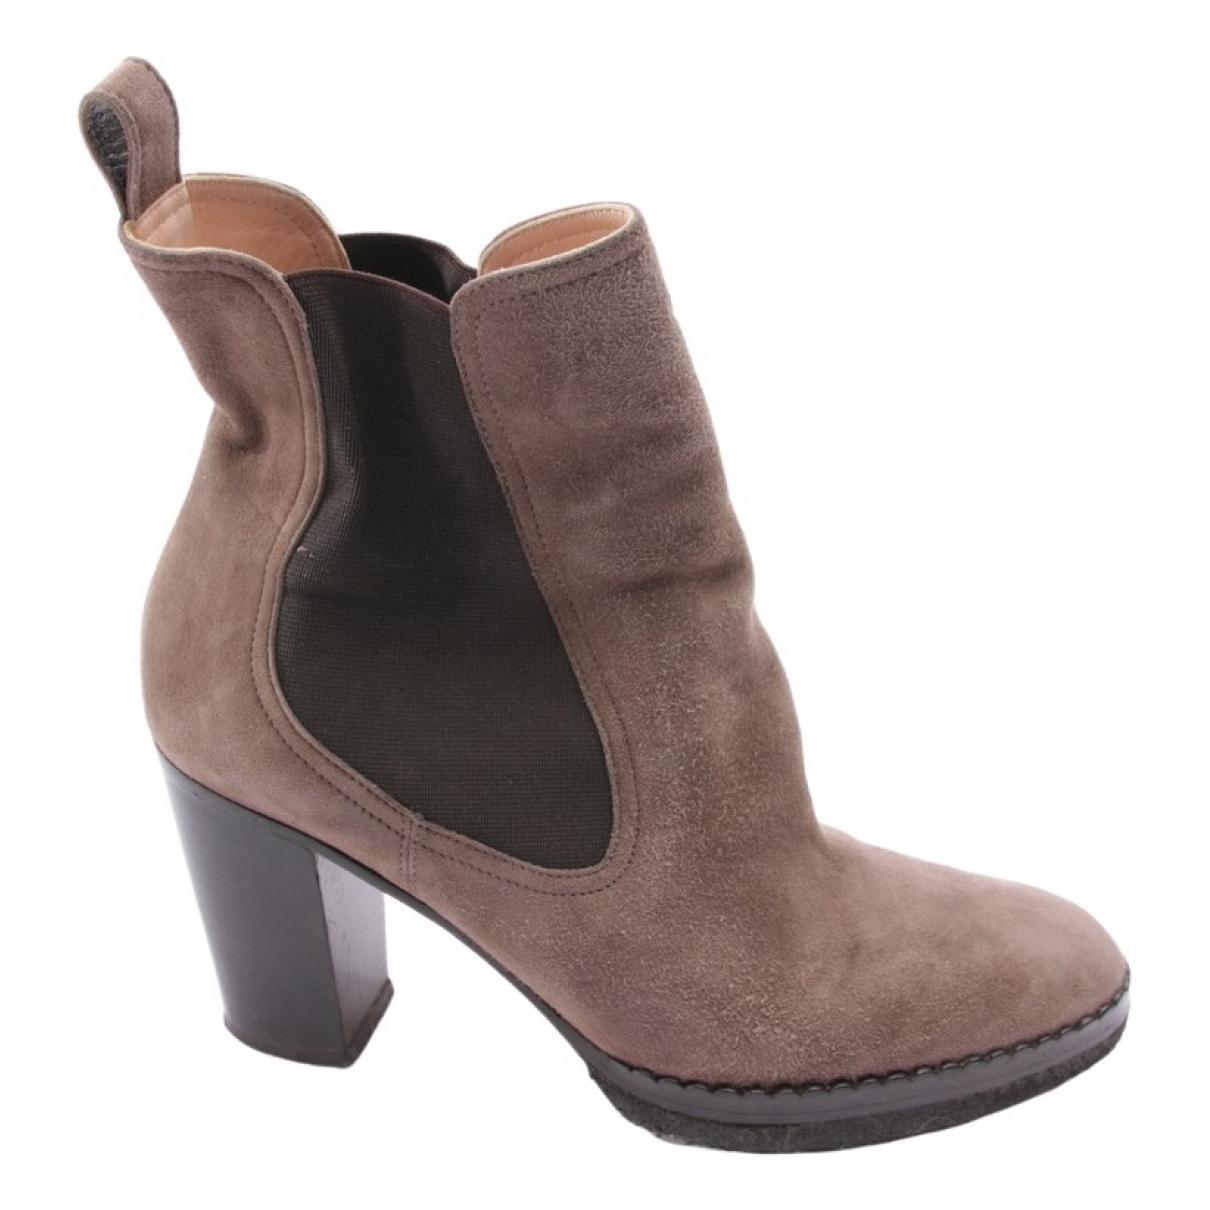 Unutzer - Boots   pour femme en suede - marron